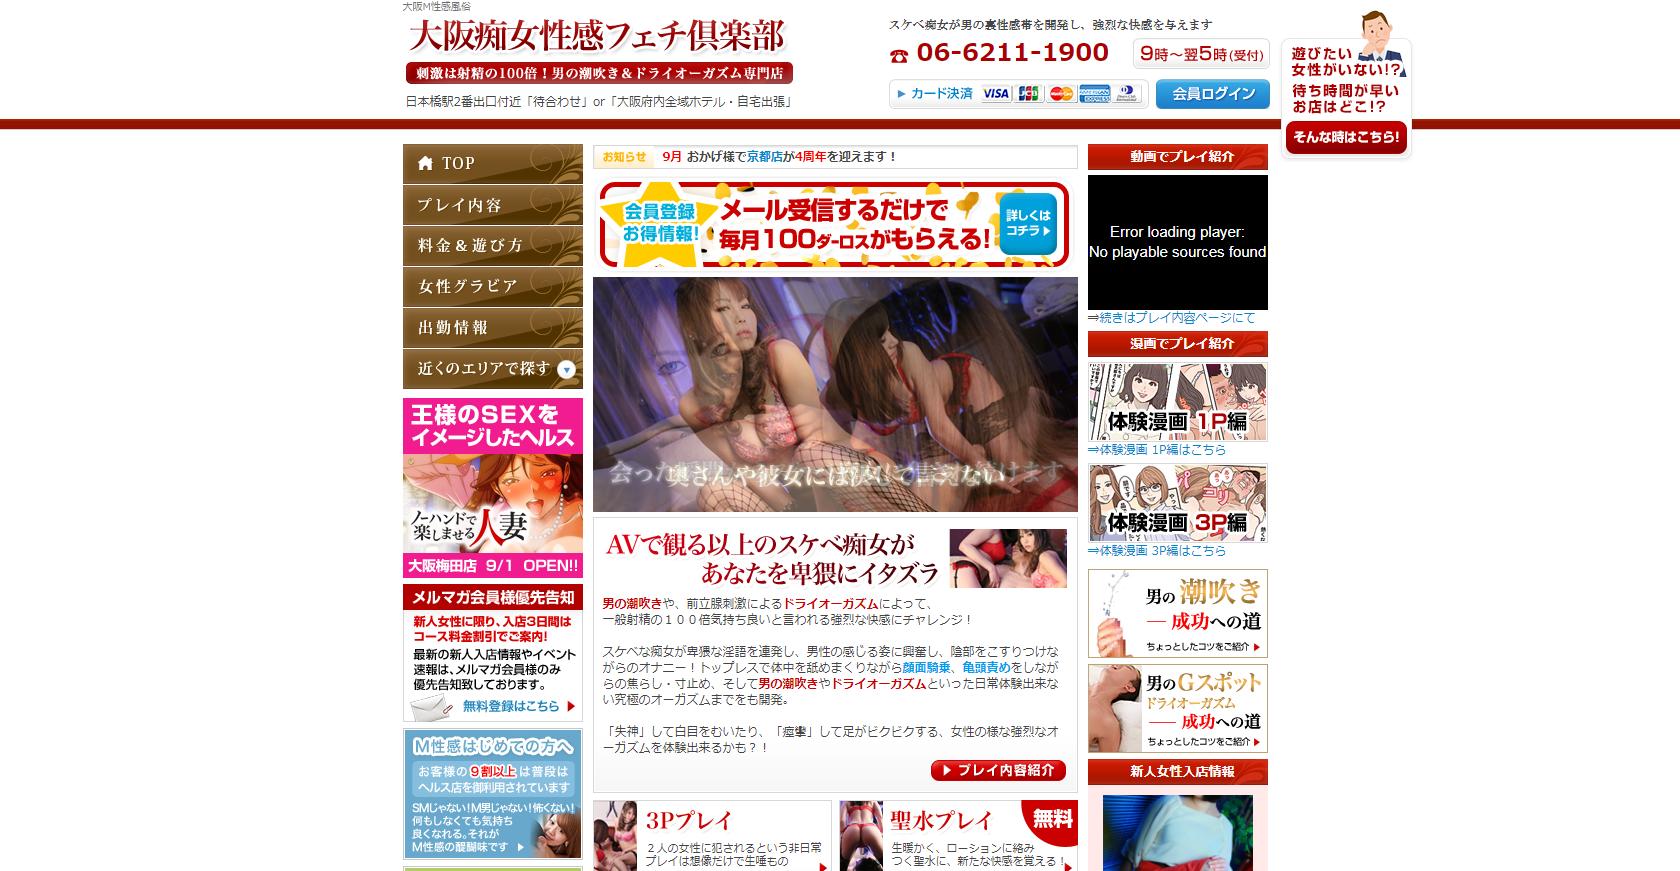 大阪M性感|大阪痴女性感フェチ倶楽部,M性感,痴女風俗 大阪